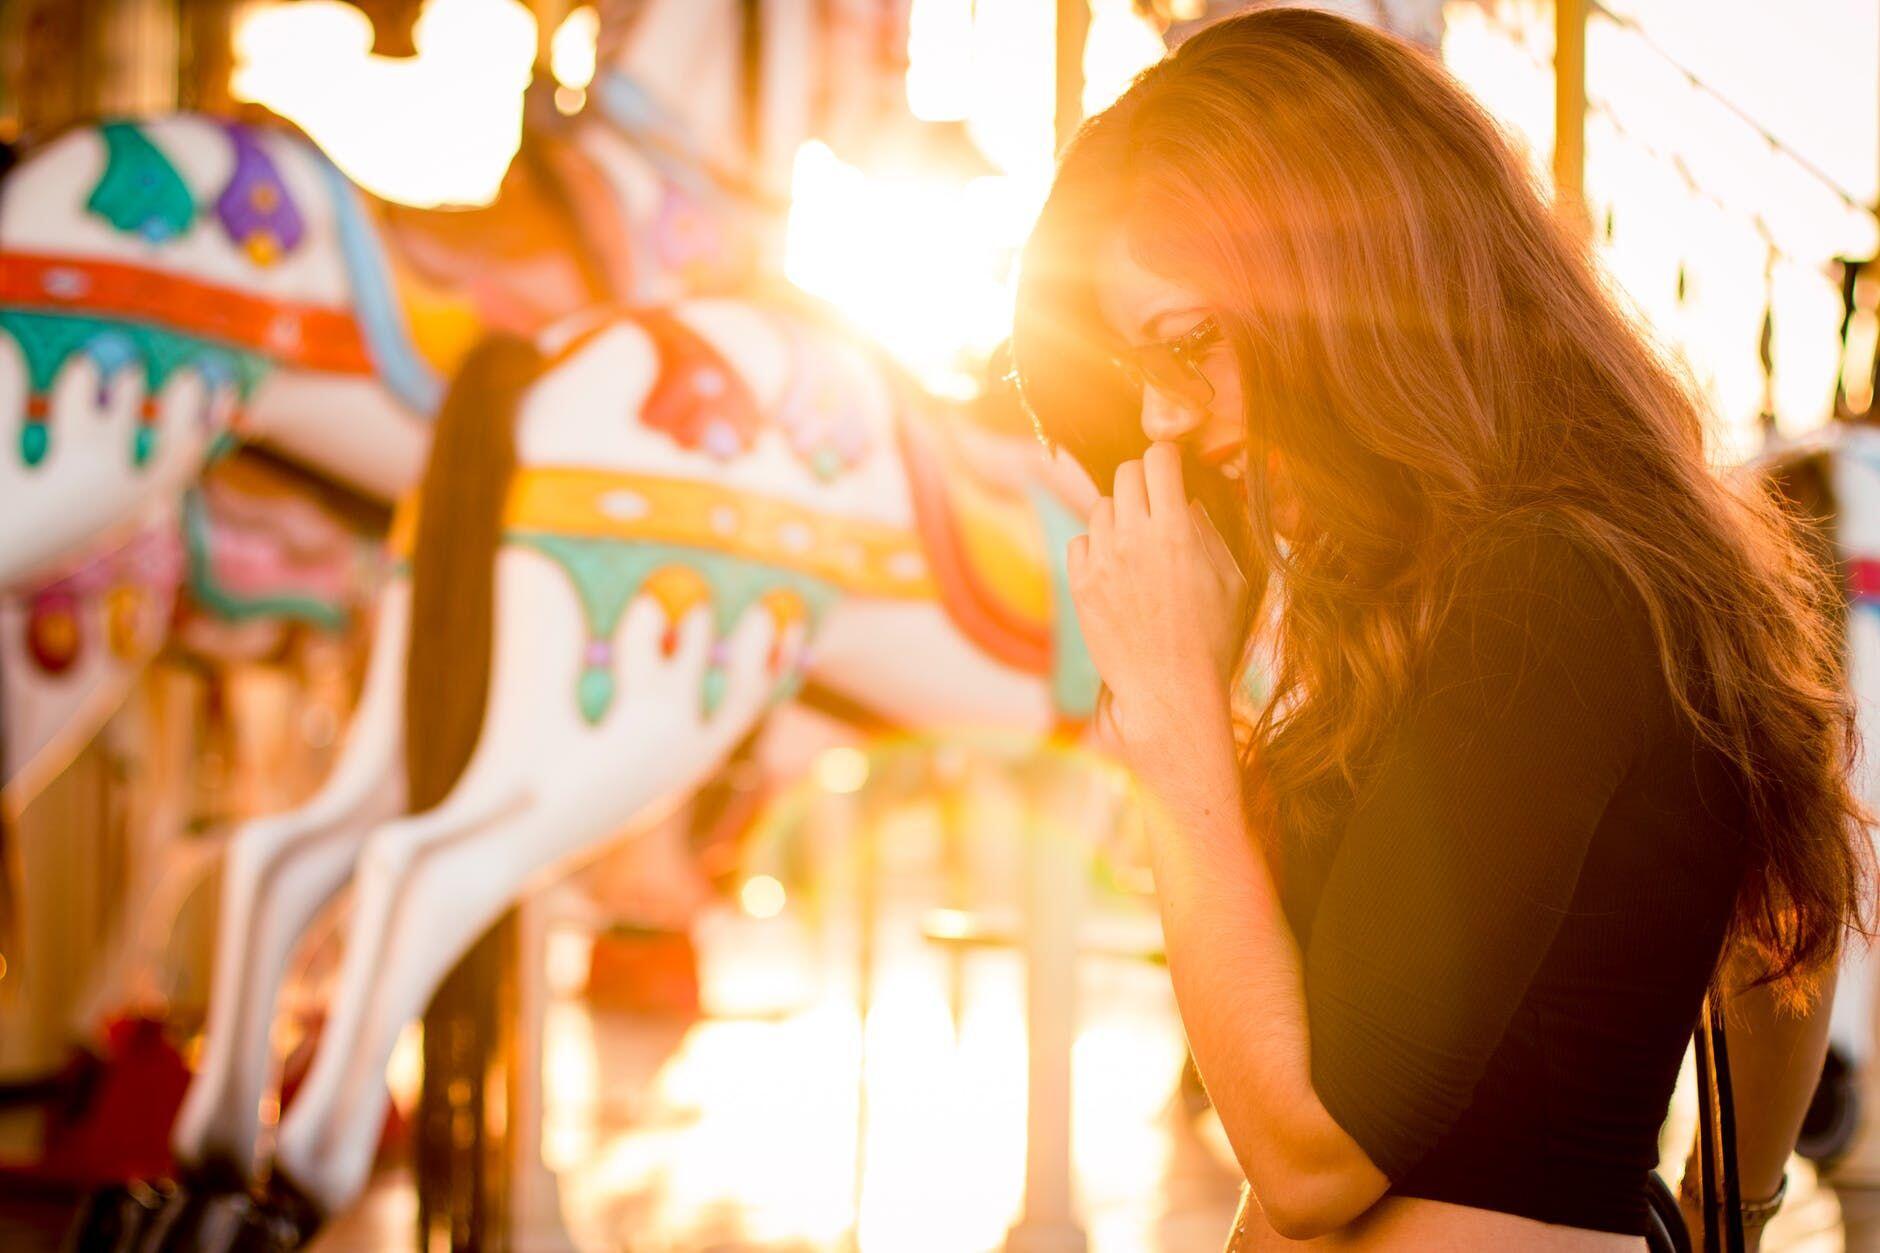 Ini 5 Kelebihan Jika Kamu Menjalin Hubungan dengan Wanita Periang